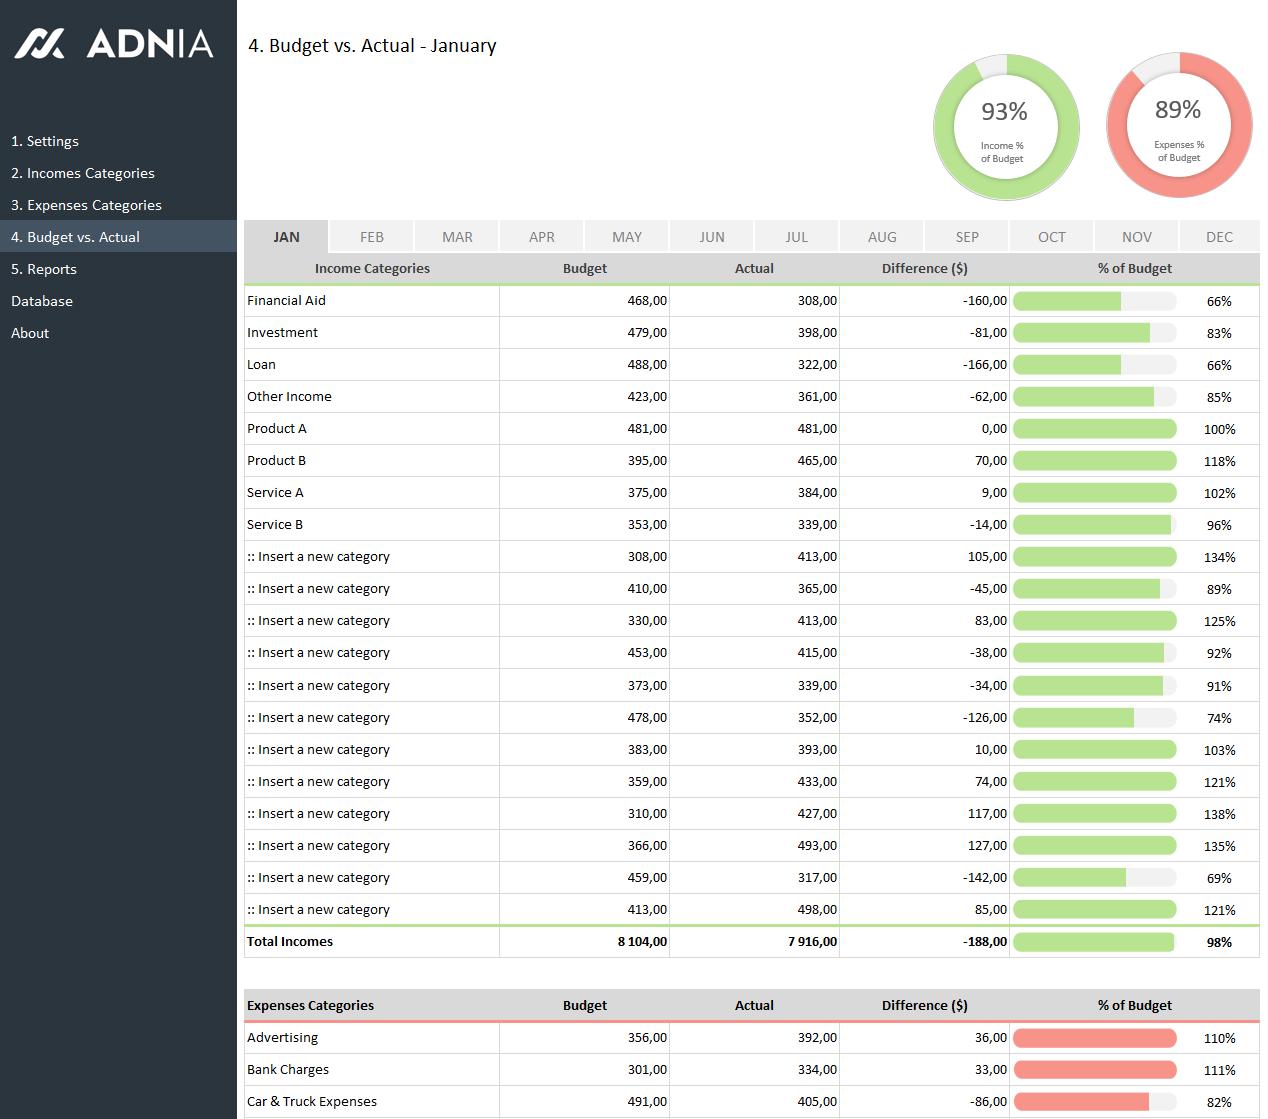 Budget Vs Actual Spreadsheet Template   Adnia Solutions Together With Budget Vs Actual Spreadsheet